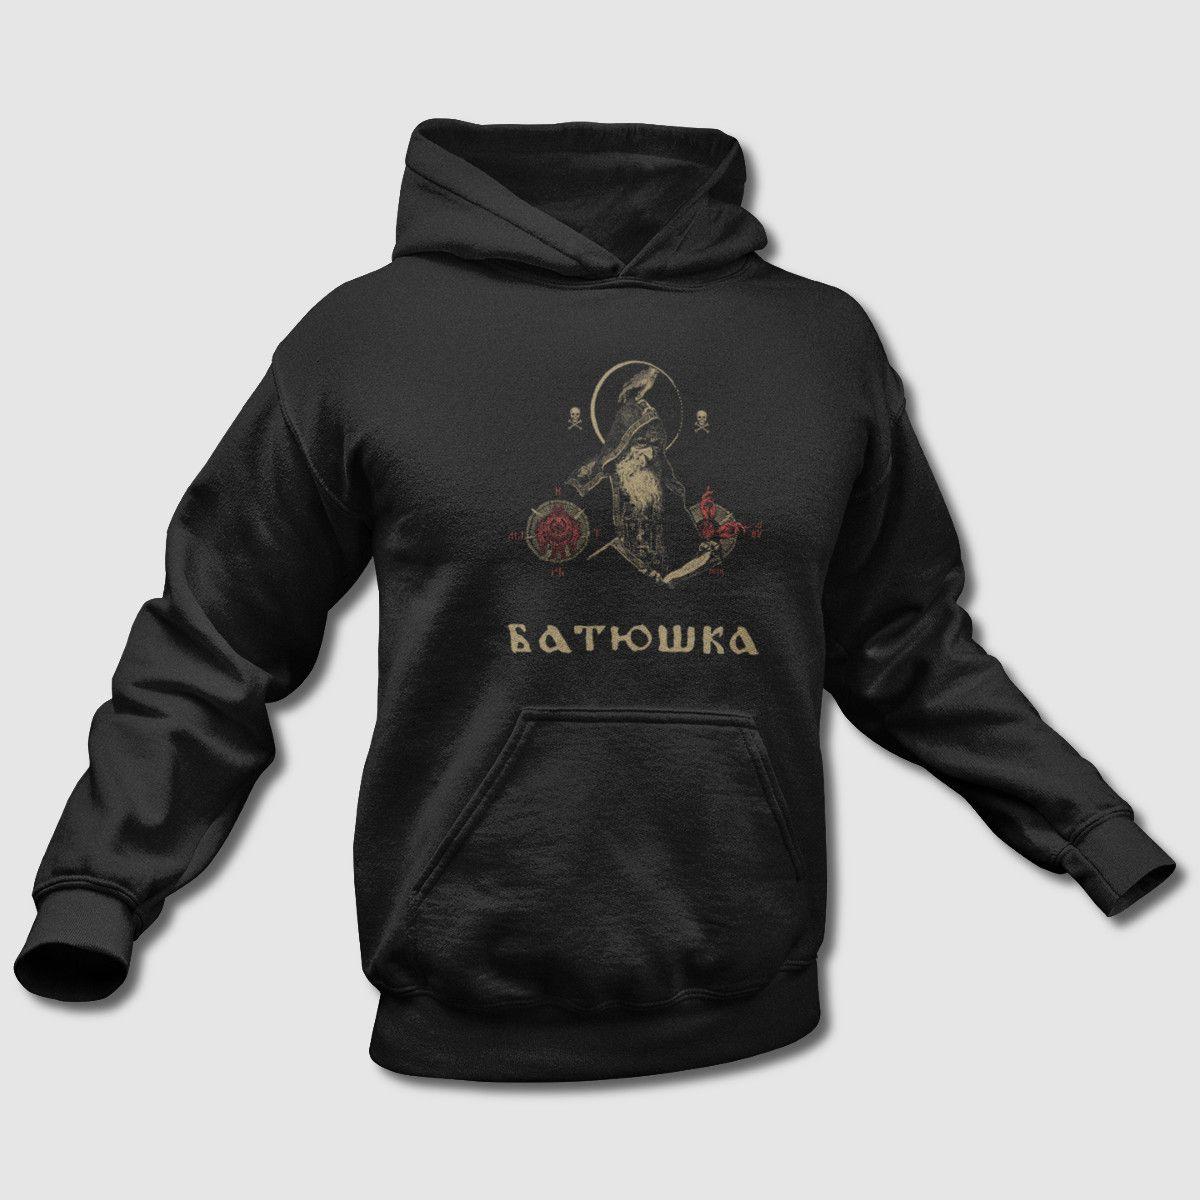 Batushka Europe Tour Hoodie ce7bed48736e6